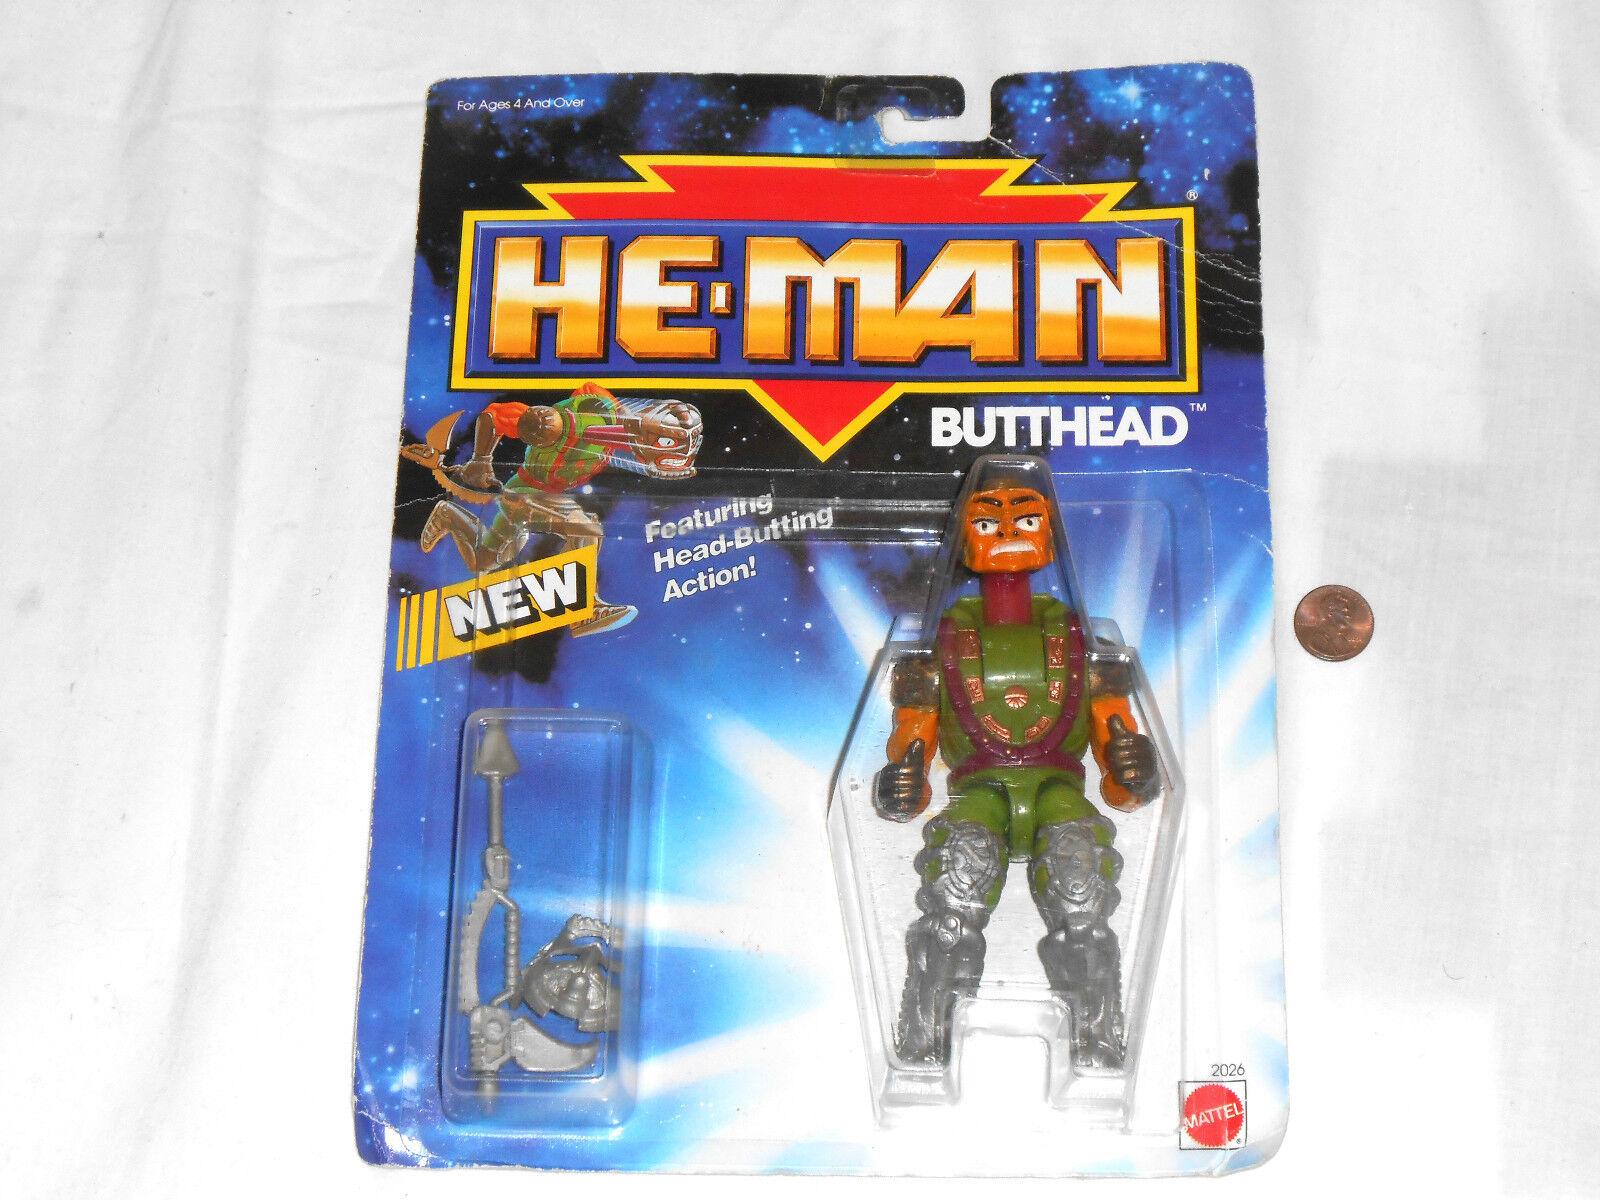 NEW He-Man BUTTHEAD Original 1990 Action Figure Butt Head HeMan Toy Mattel motu